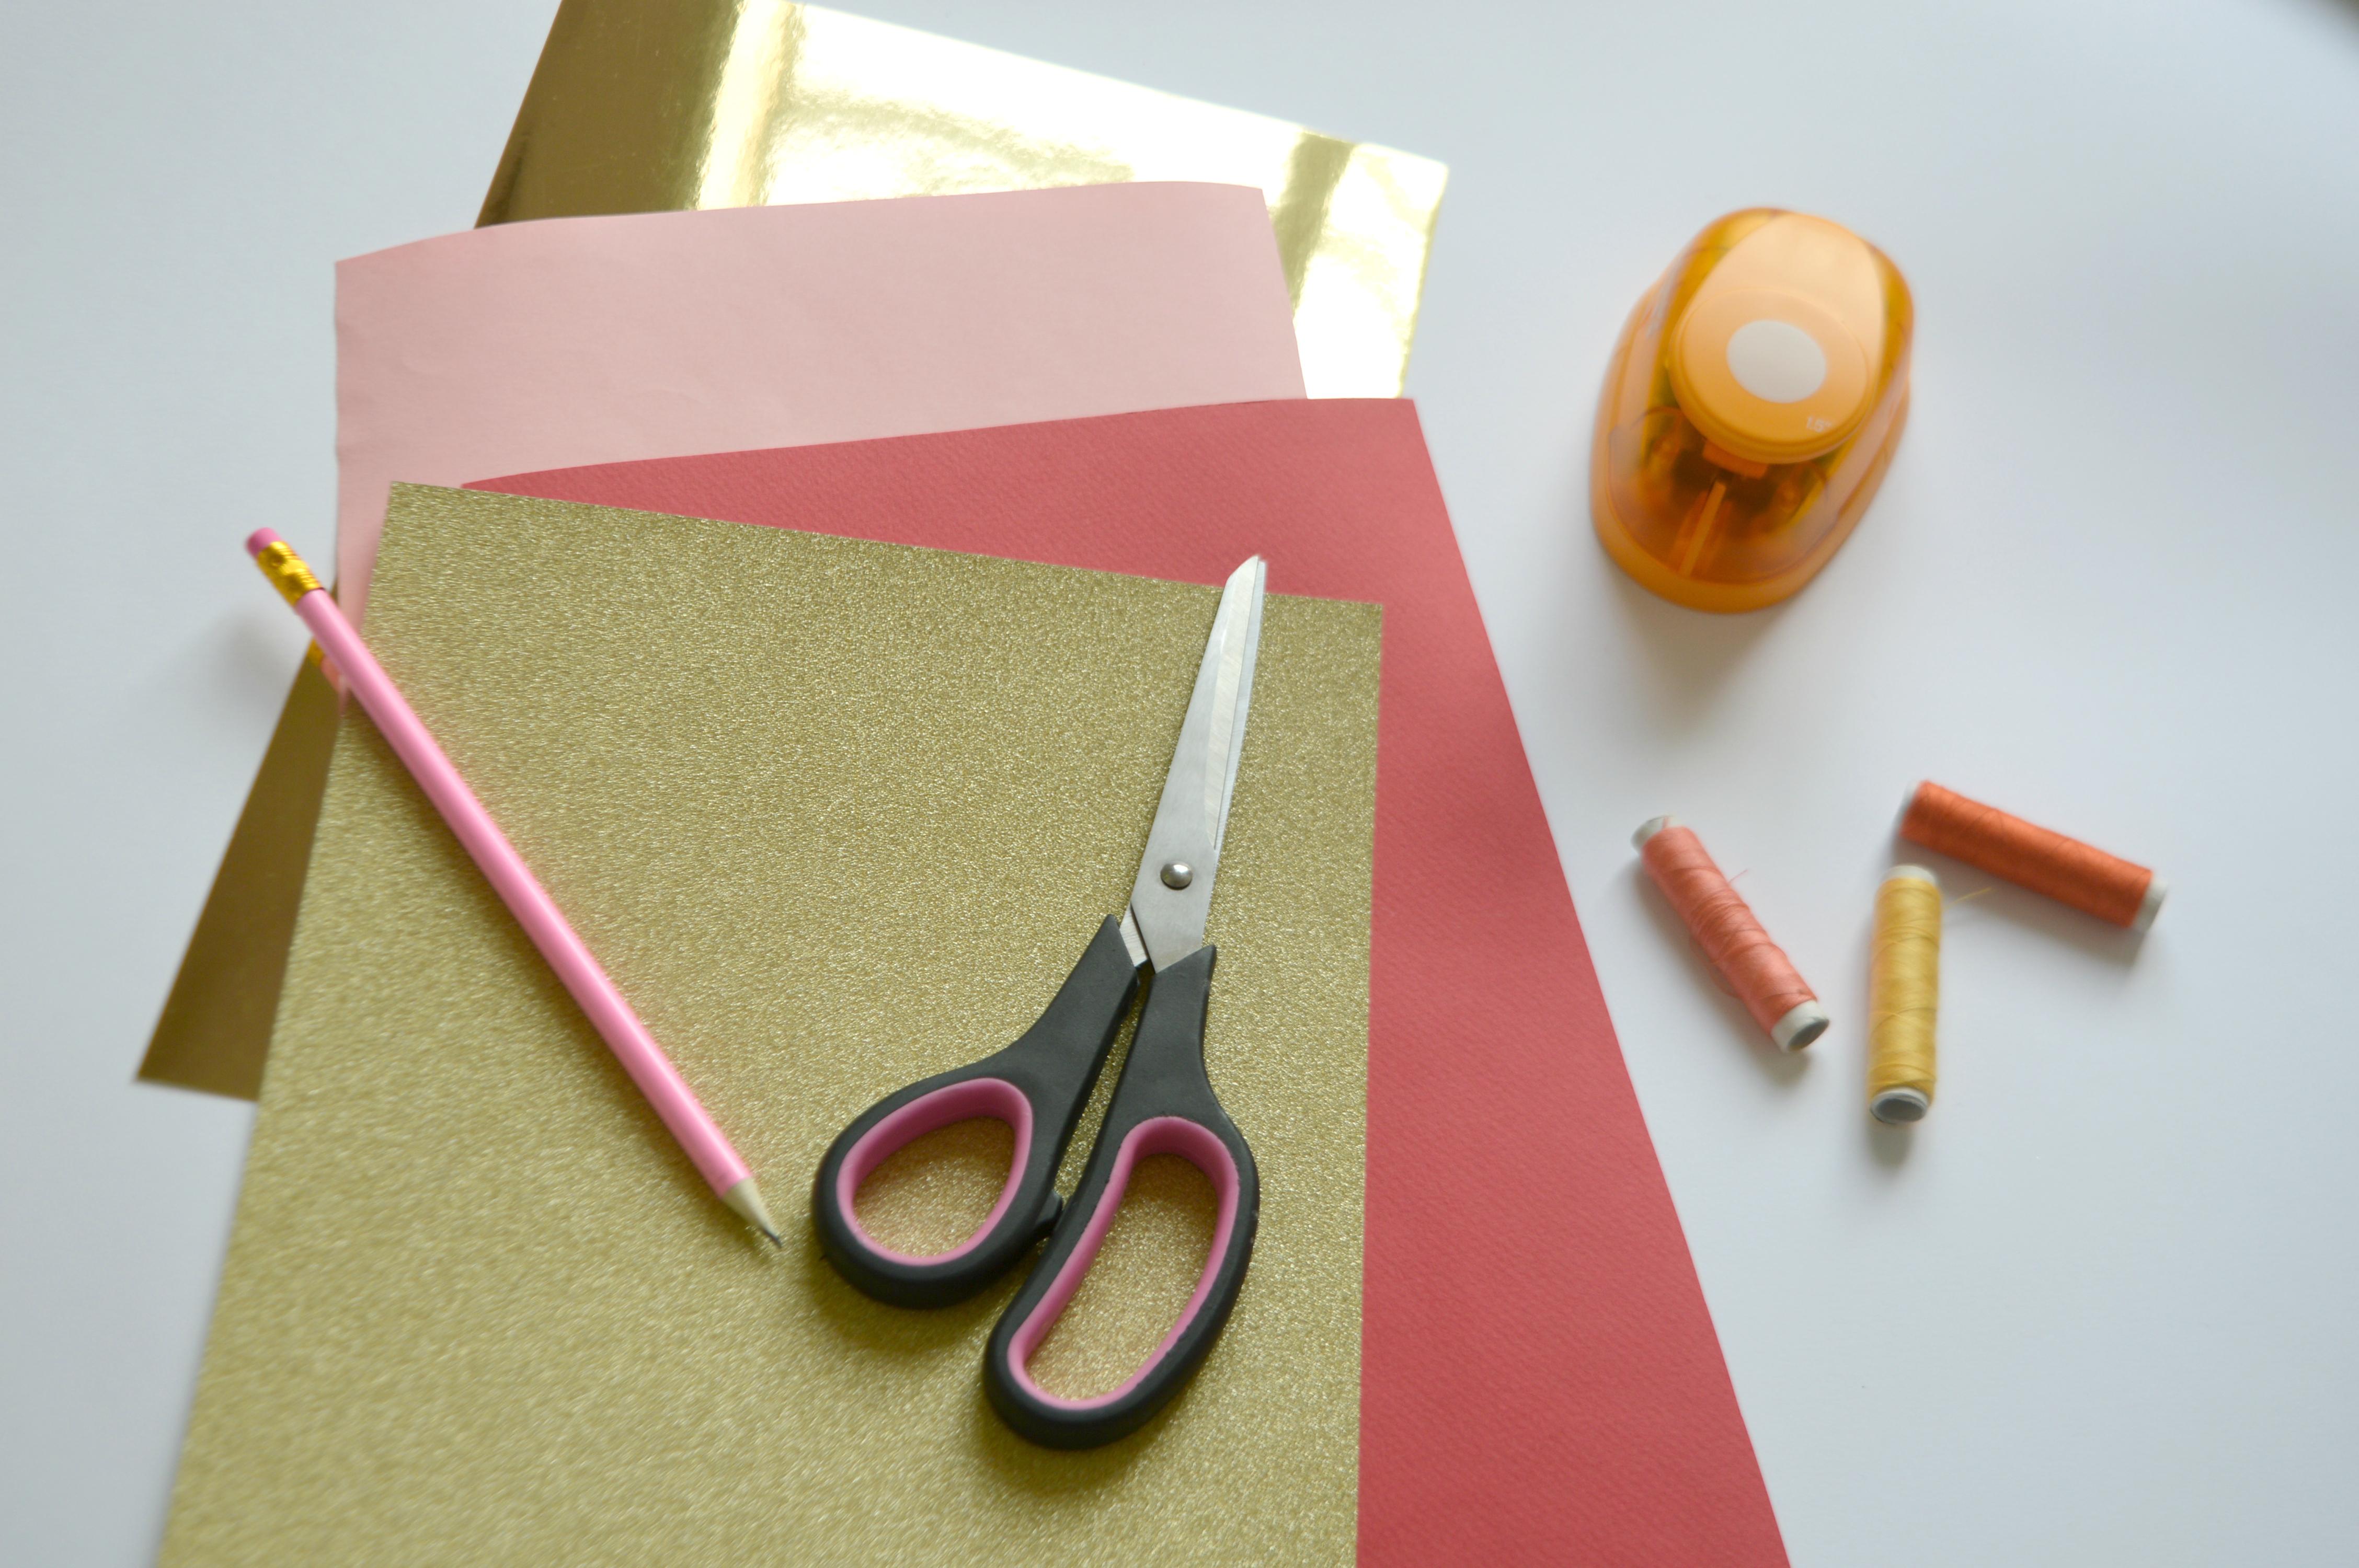 materiel-guirlandes-papierr